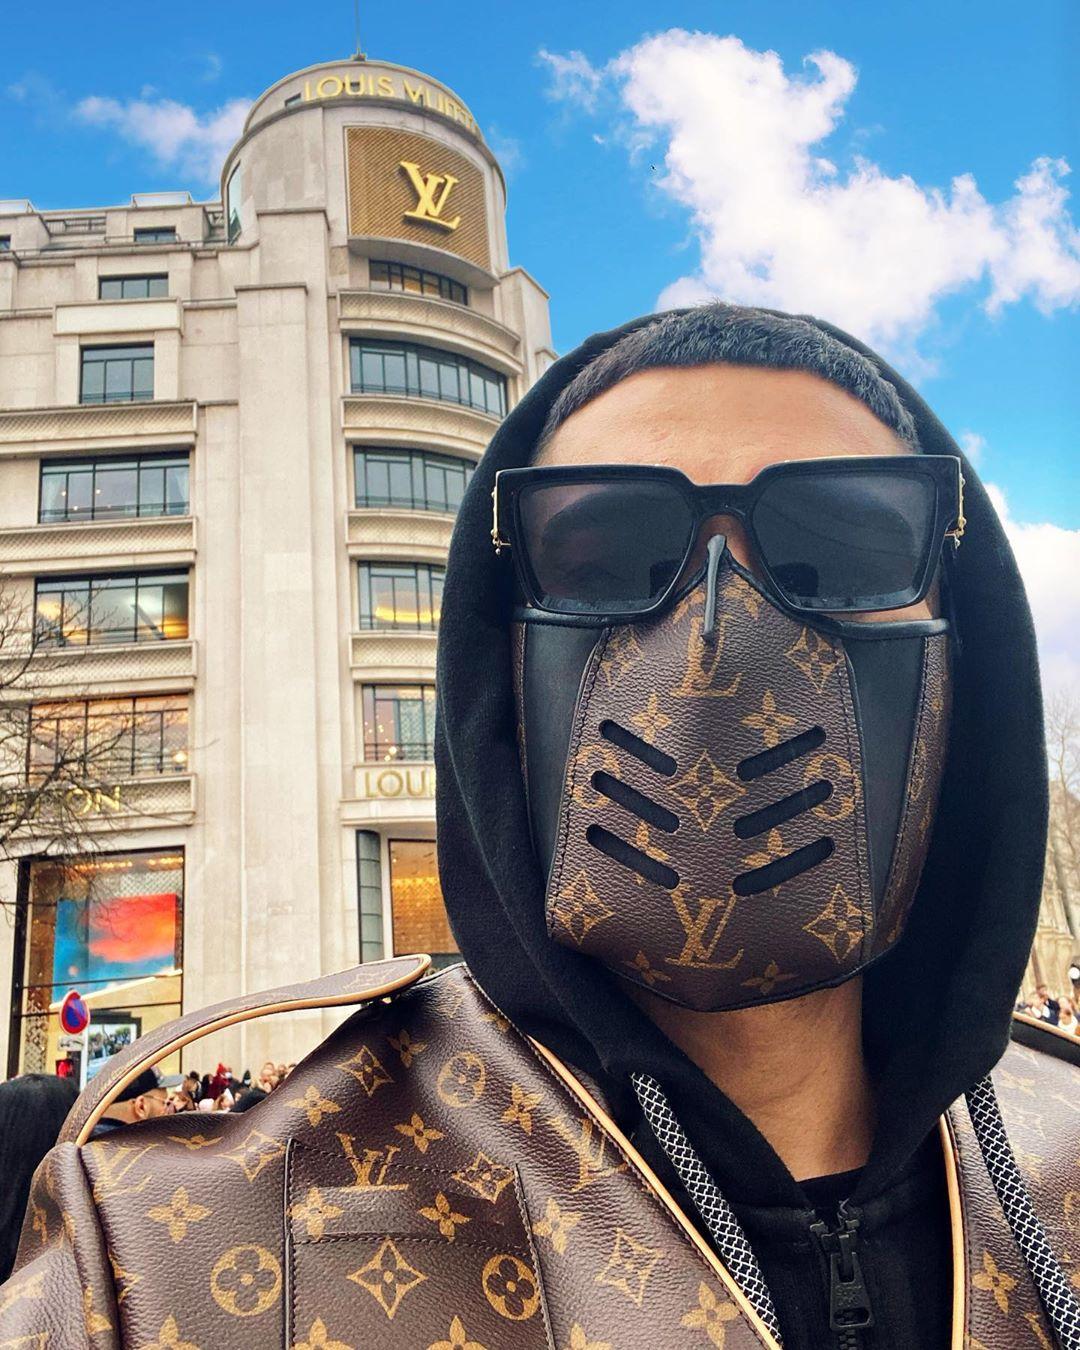 LV Mask 2020 Luxury Monogram Mask 2020 Monogram Mask 2020